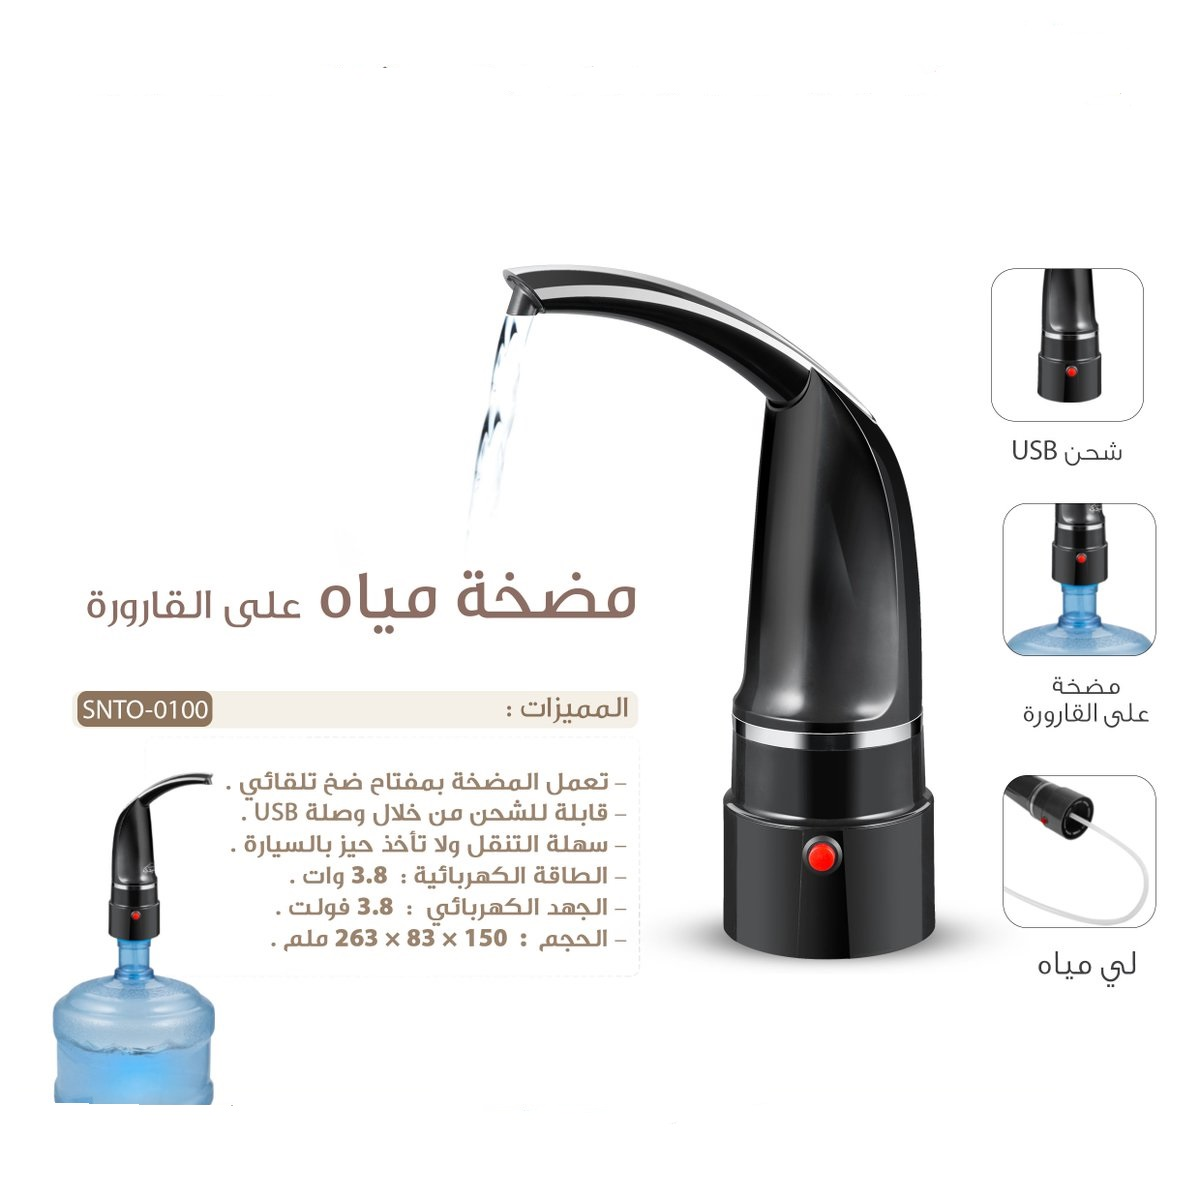 مضخة مياه على القارورة شحن USB قابل للدوران 3.8 واط مع لي السنيدي SNTO-0100